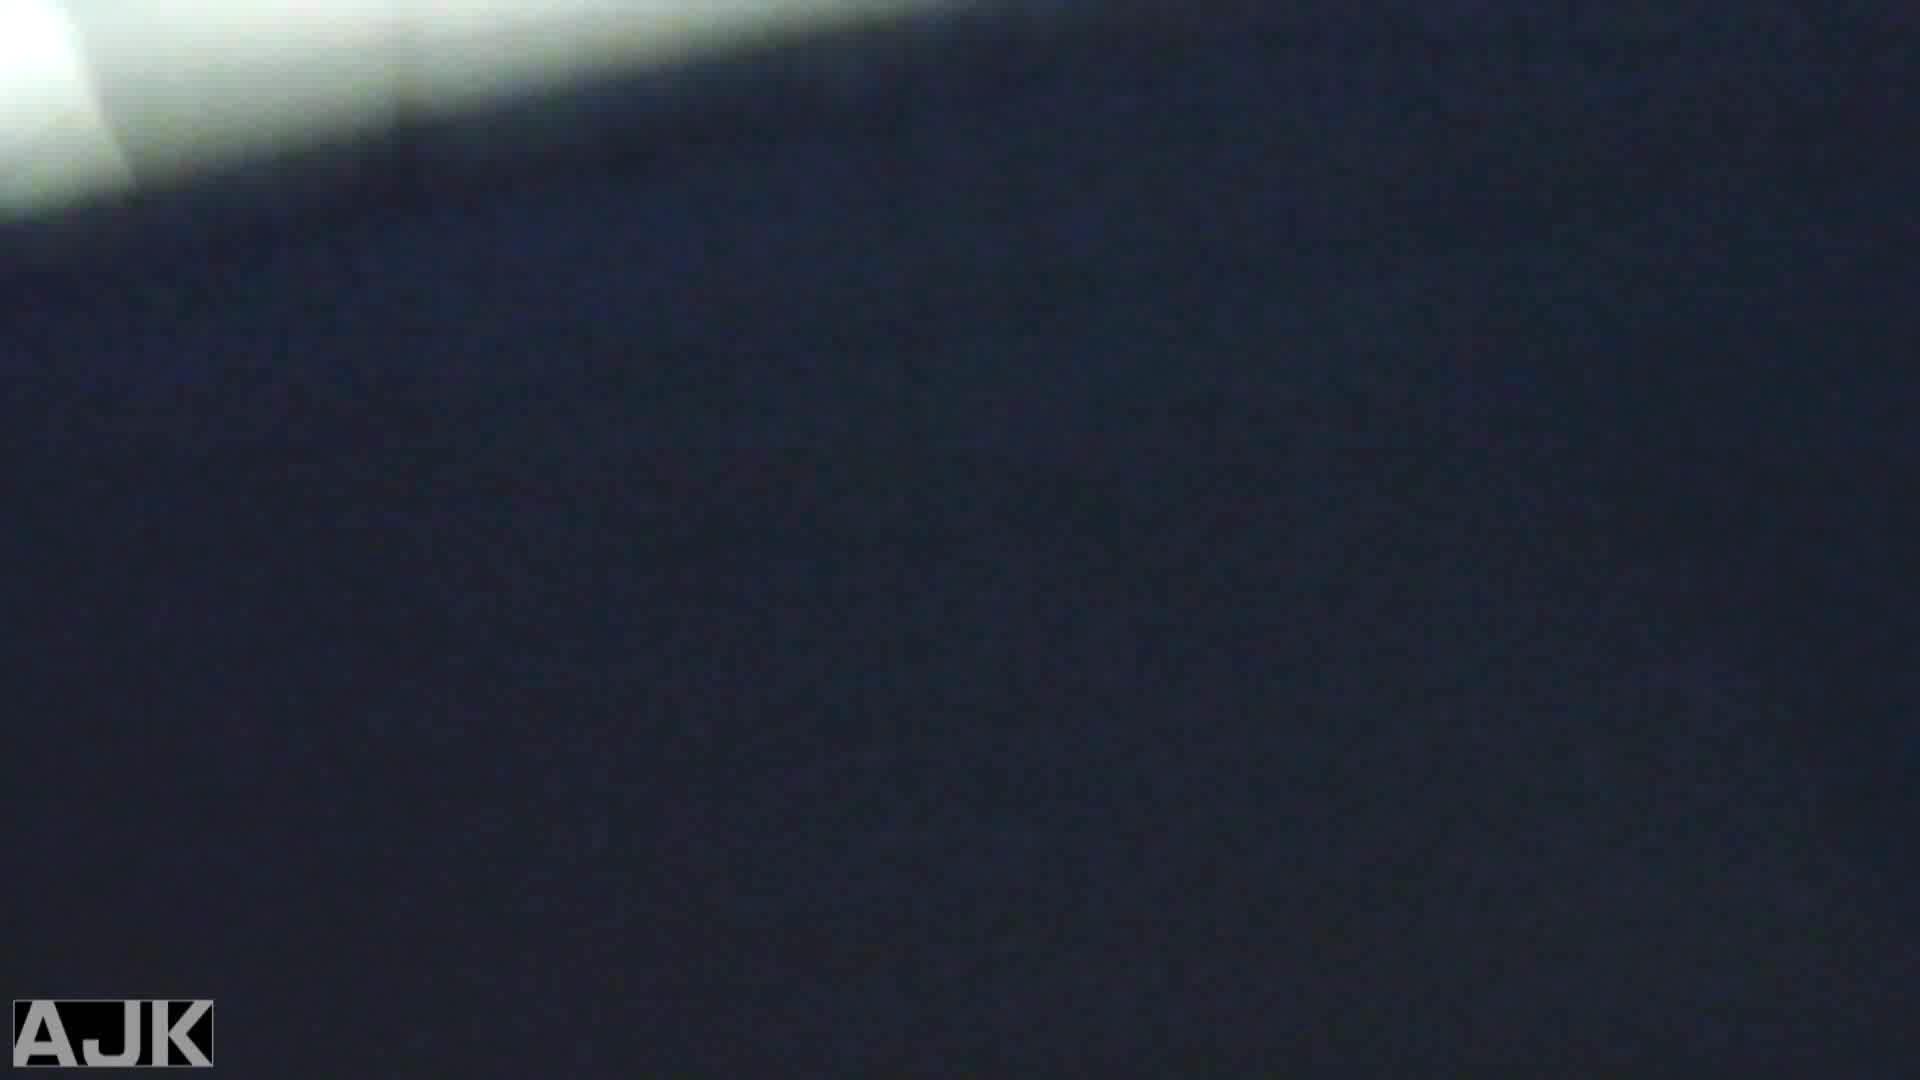 神降臨!史上最強の潜入かわや! vol.24 エロいOL 濡れ場動画紹介 86枚